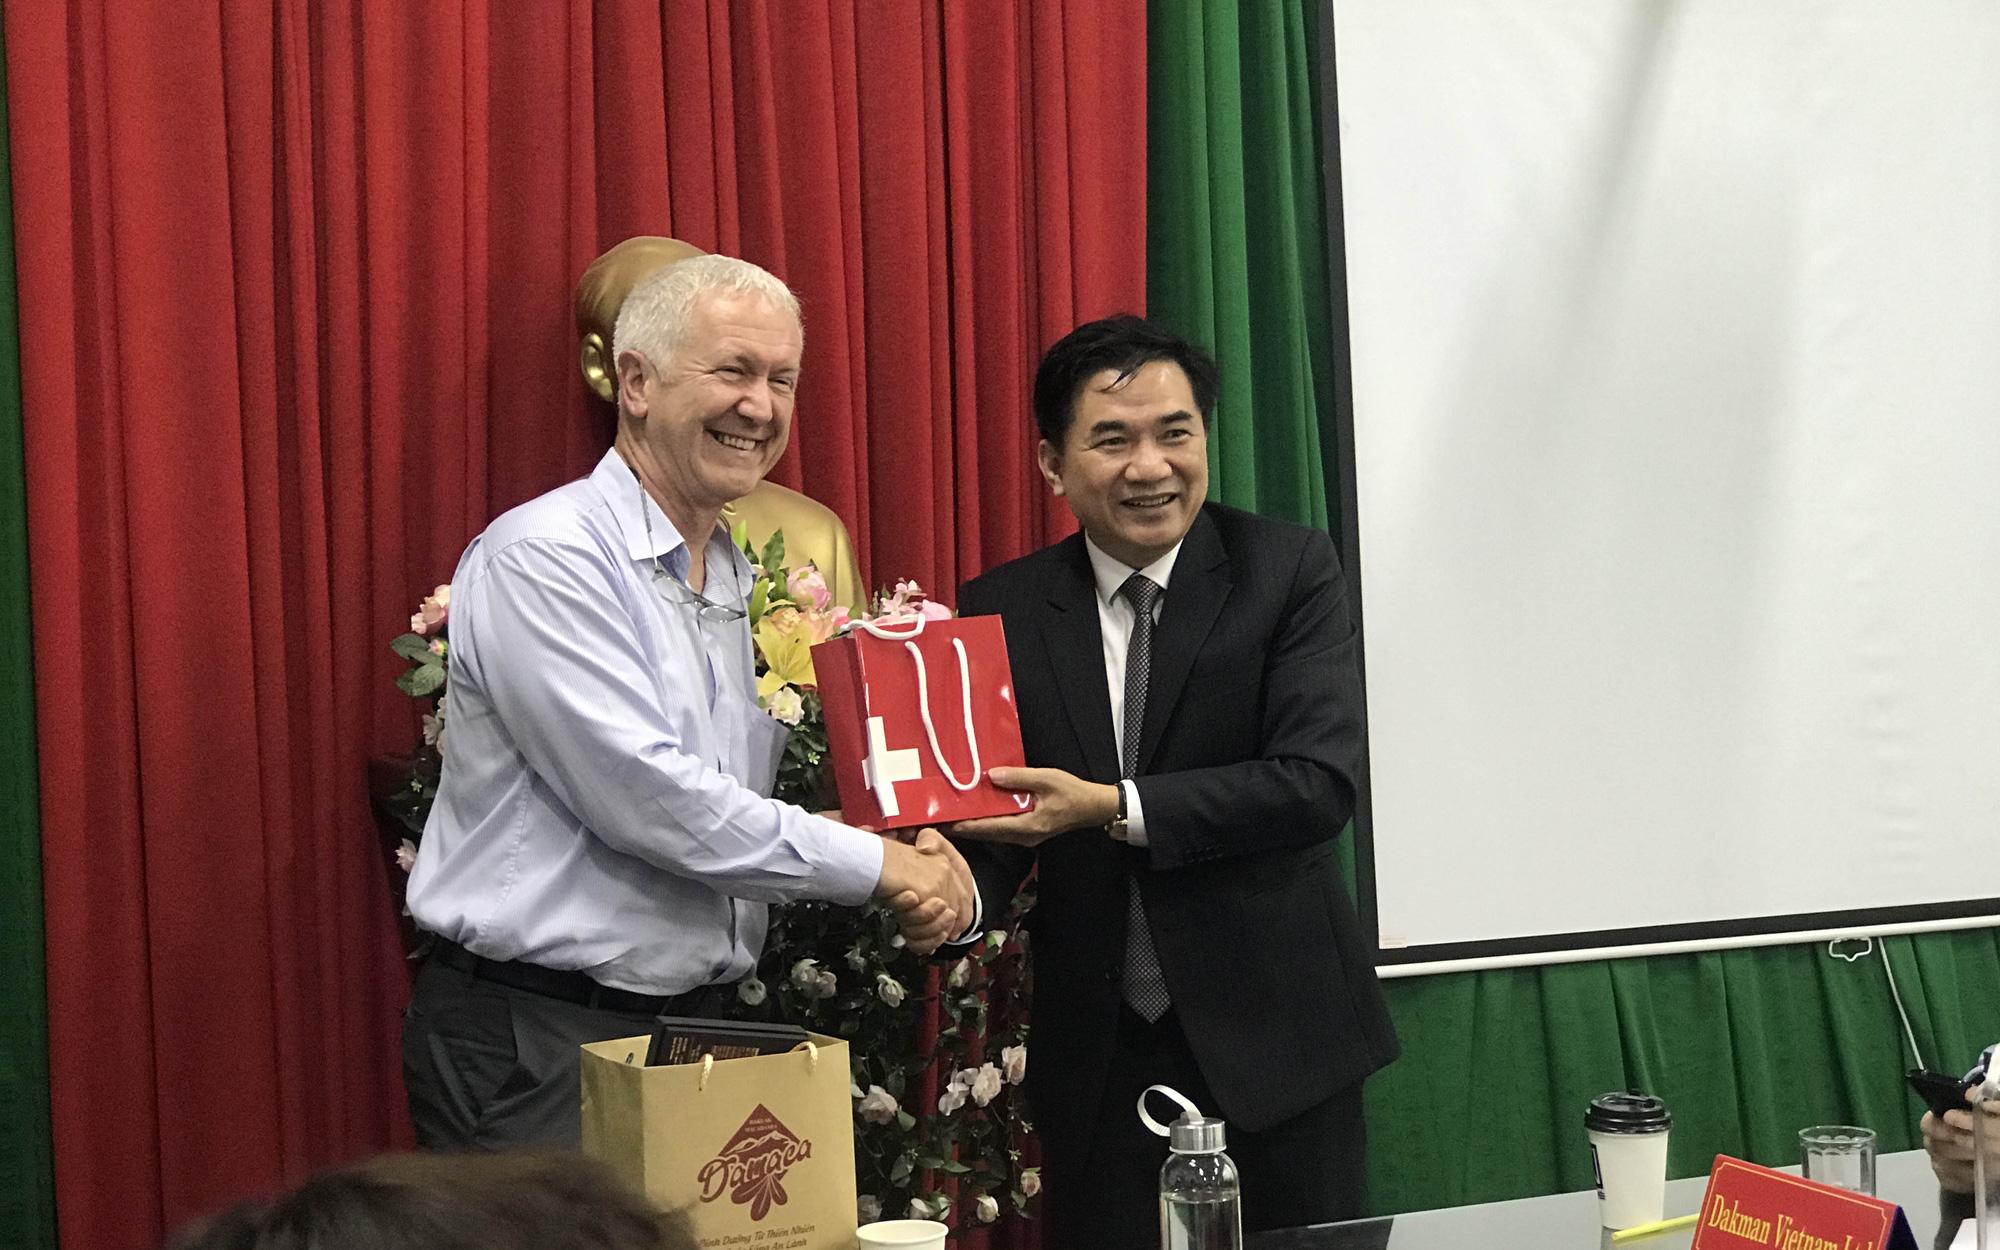 Đại sứ đặc mệnh toàn quyền Thụy Sĩ tại Việt Nam thăm nông dân trồng cà phê, hồ tiêu bán giá cao ở Đắk Lắk